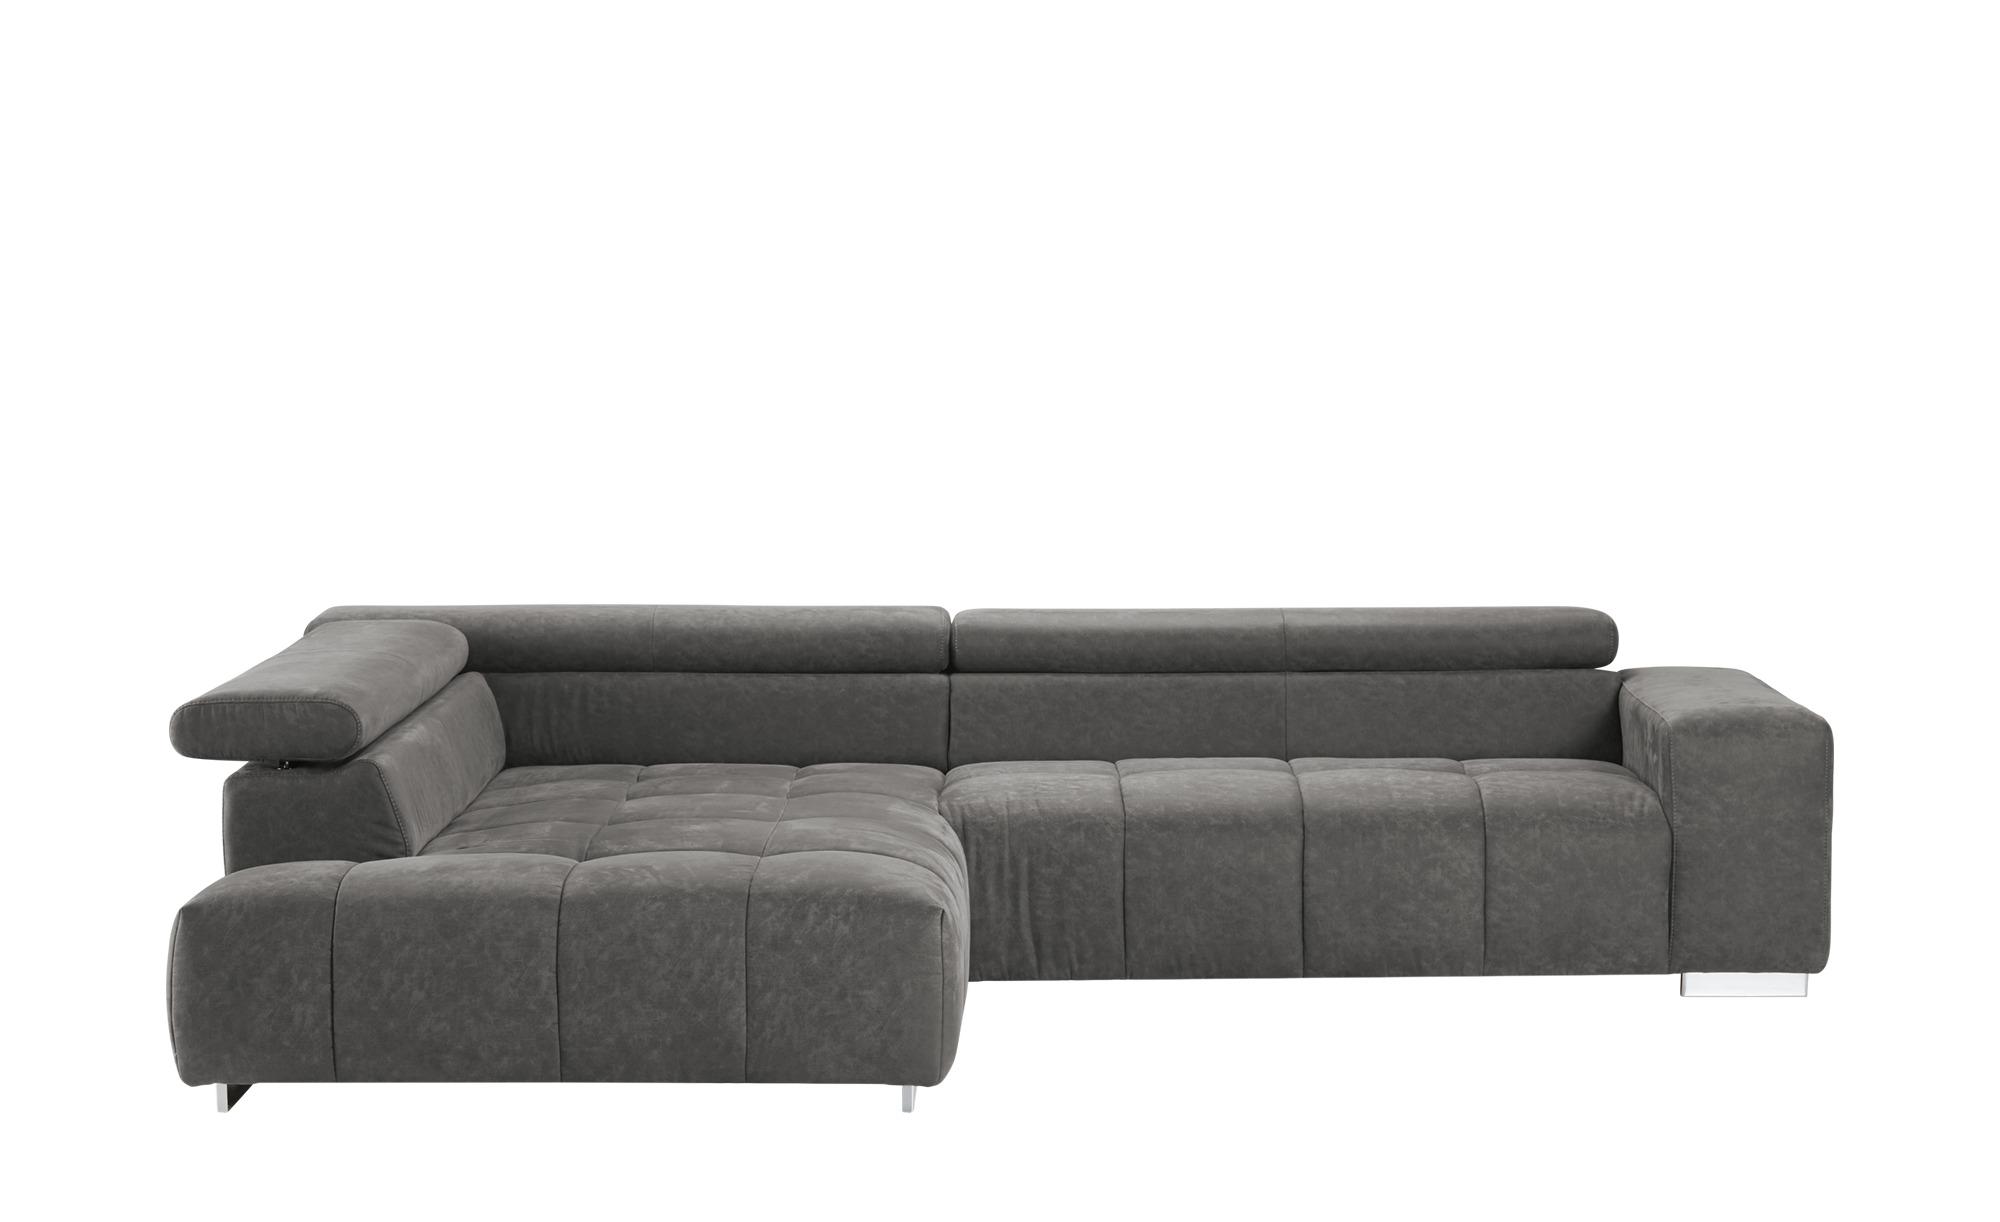 Ecksofa origo breite h he 70 cm grau online kaufen bei for Ecksofa breite 200 cm